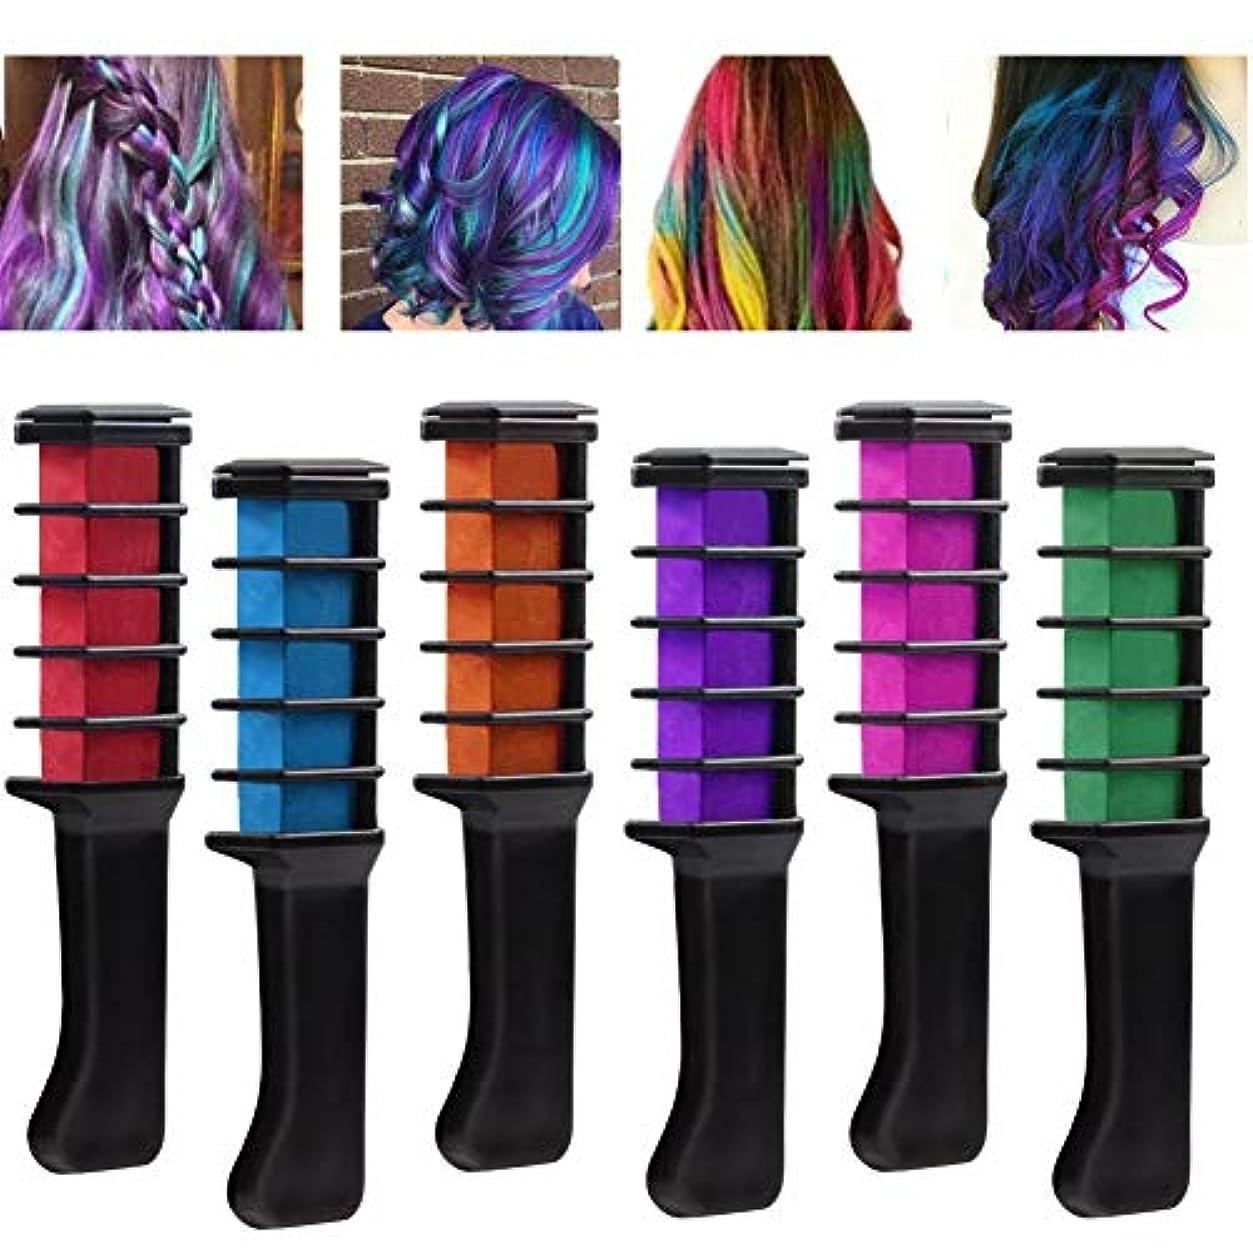 分類するスピリチュアル呪いヘアチョーク櫛 カラーチョーク くし 一日だけの髪染め ヘアパステル,6個入り